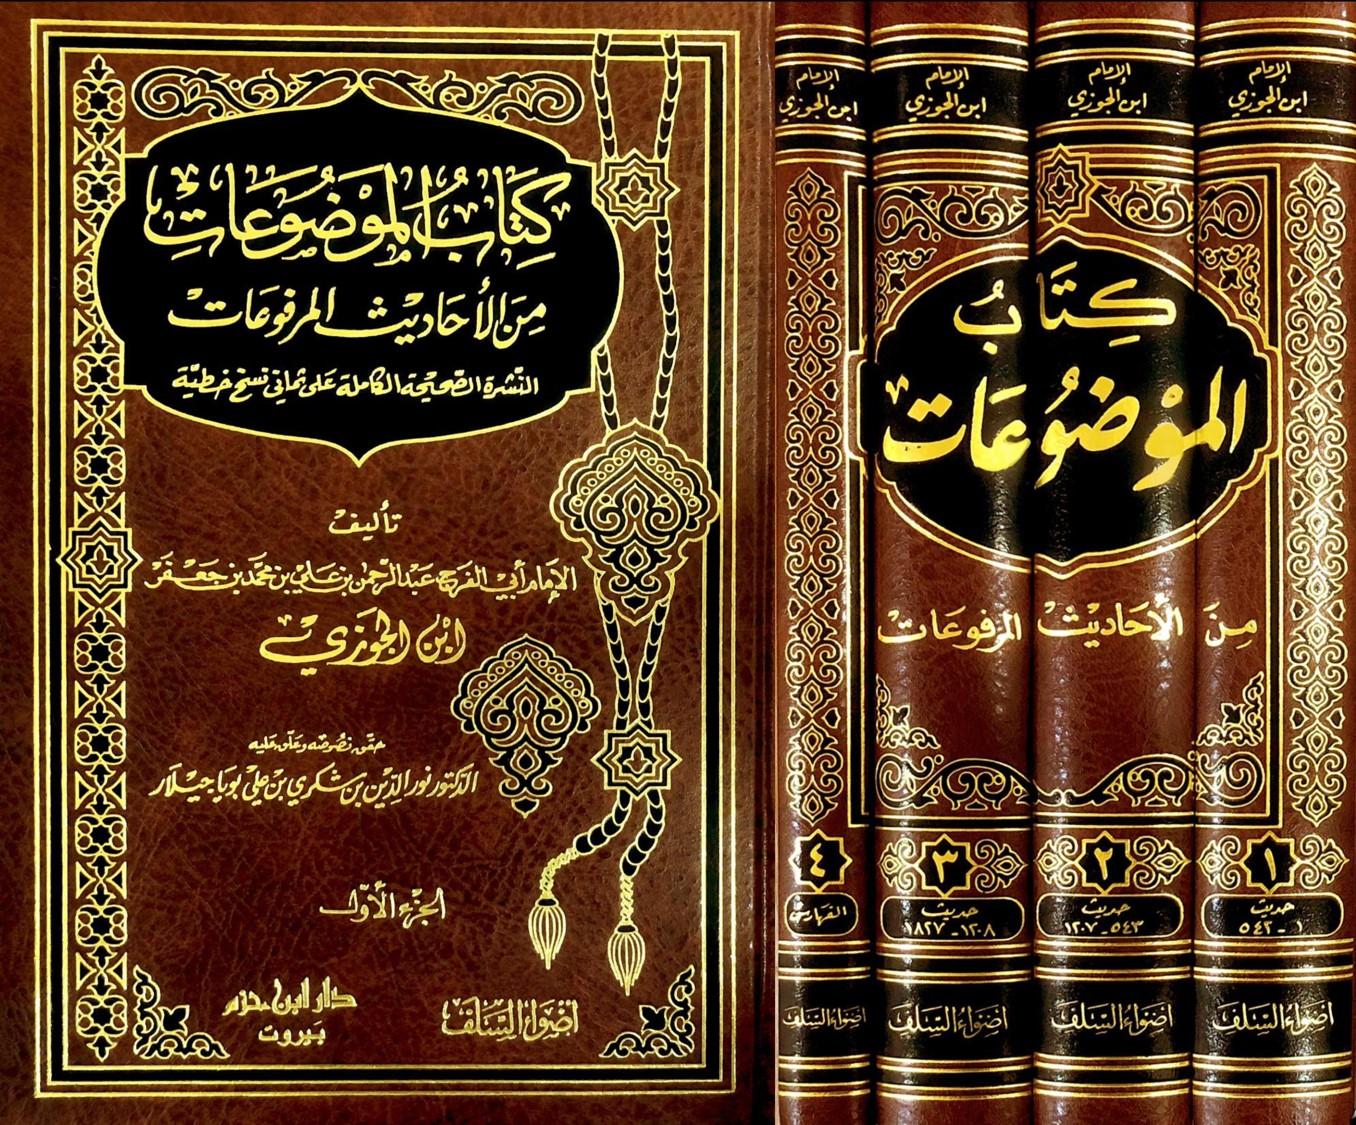 كتاب ابن الجوزي بستان الواعظين ورياض السامعين